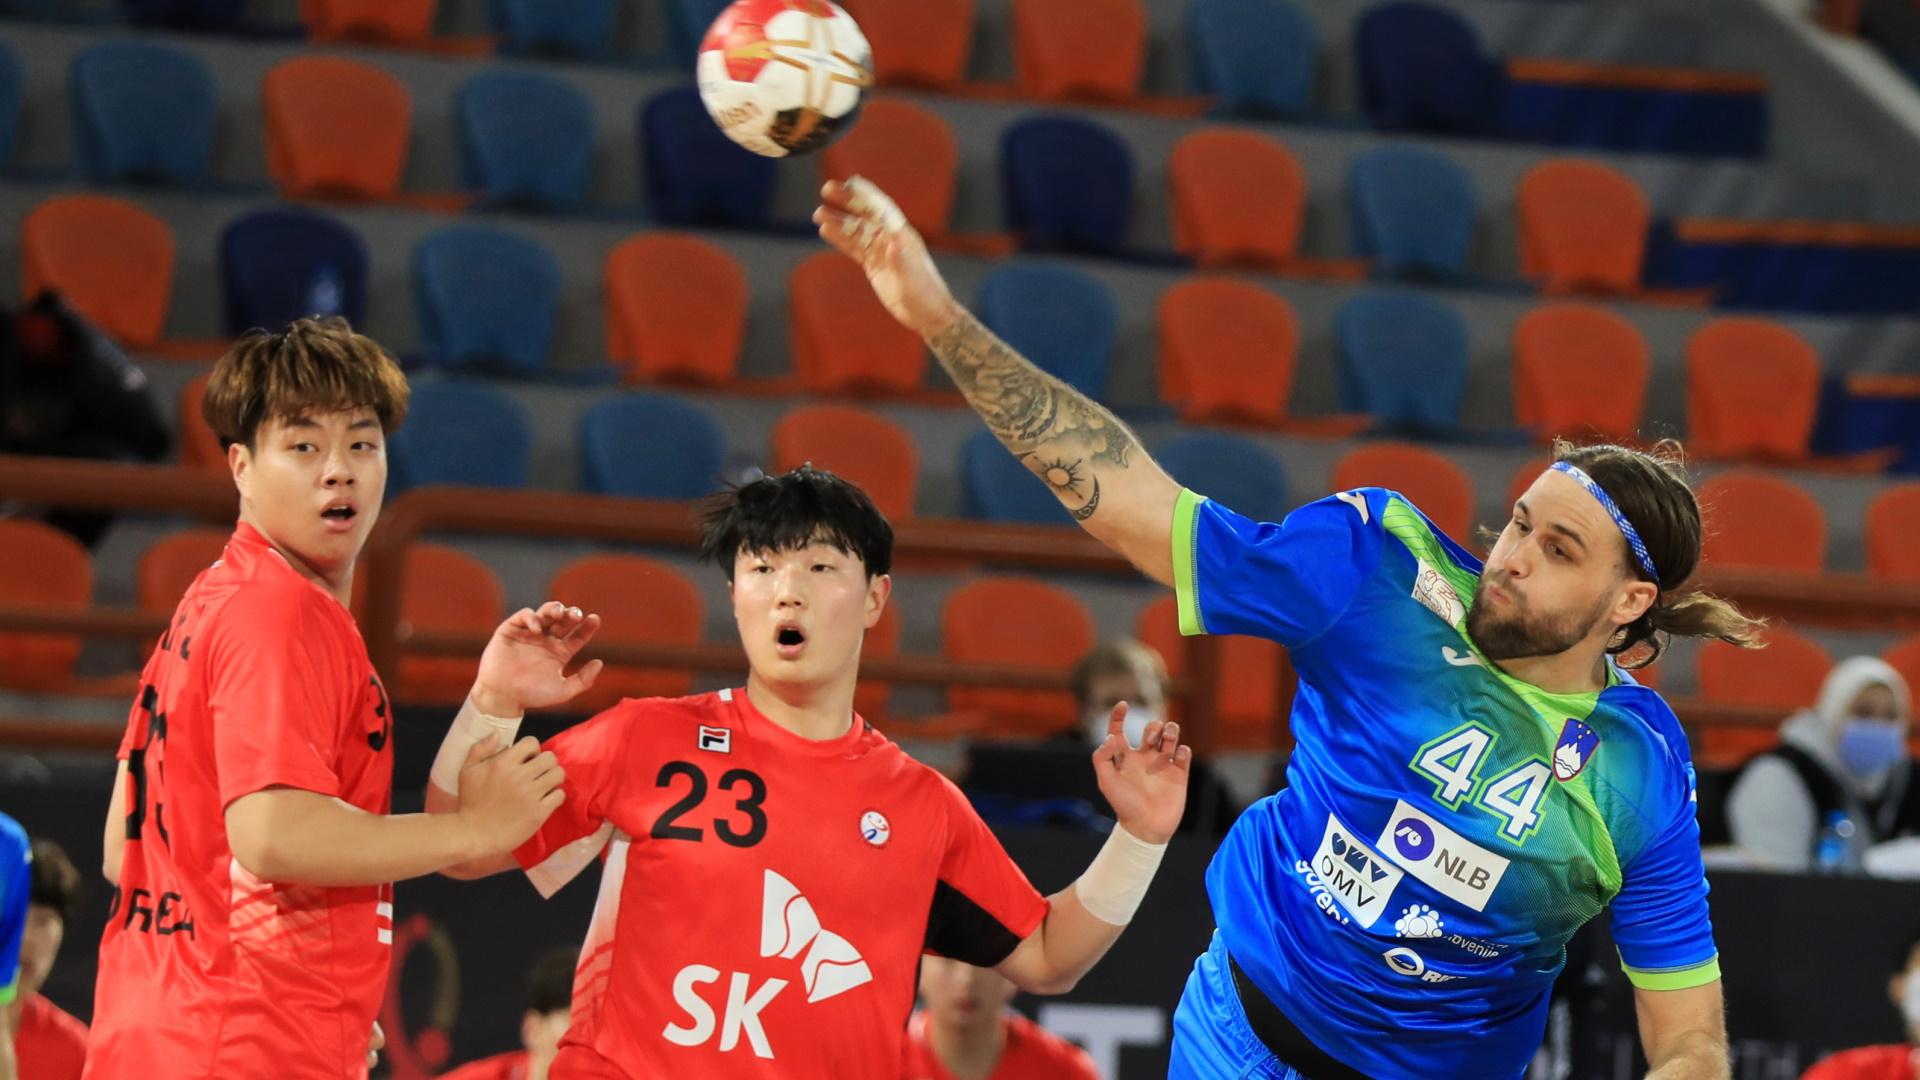 Campeonato del Mundo masculino: Eslovenia - Corea